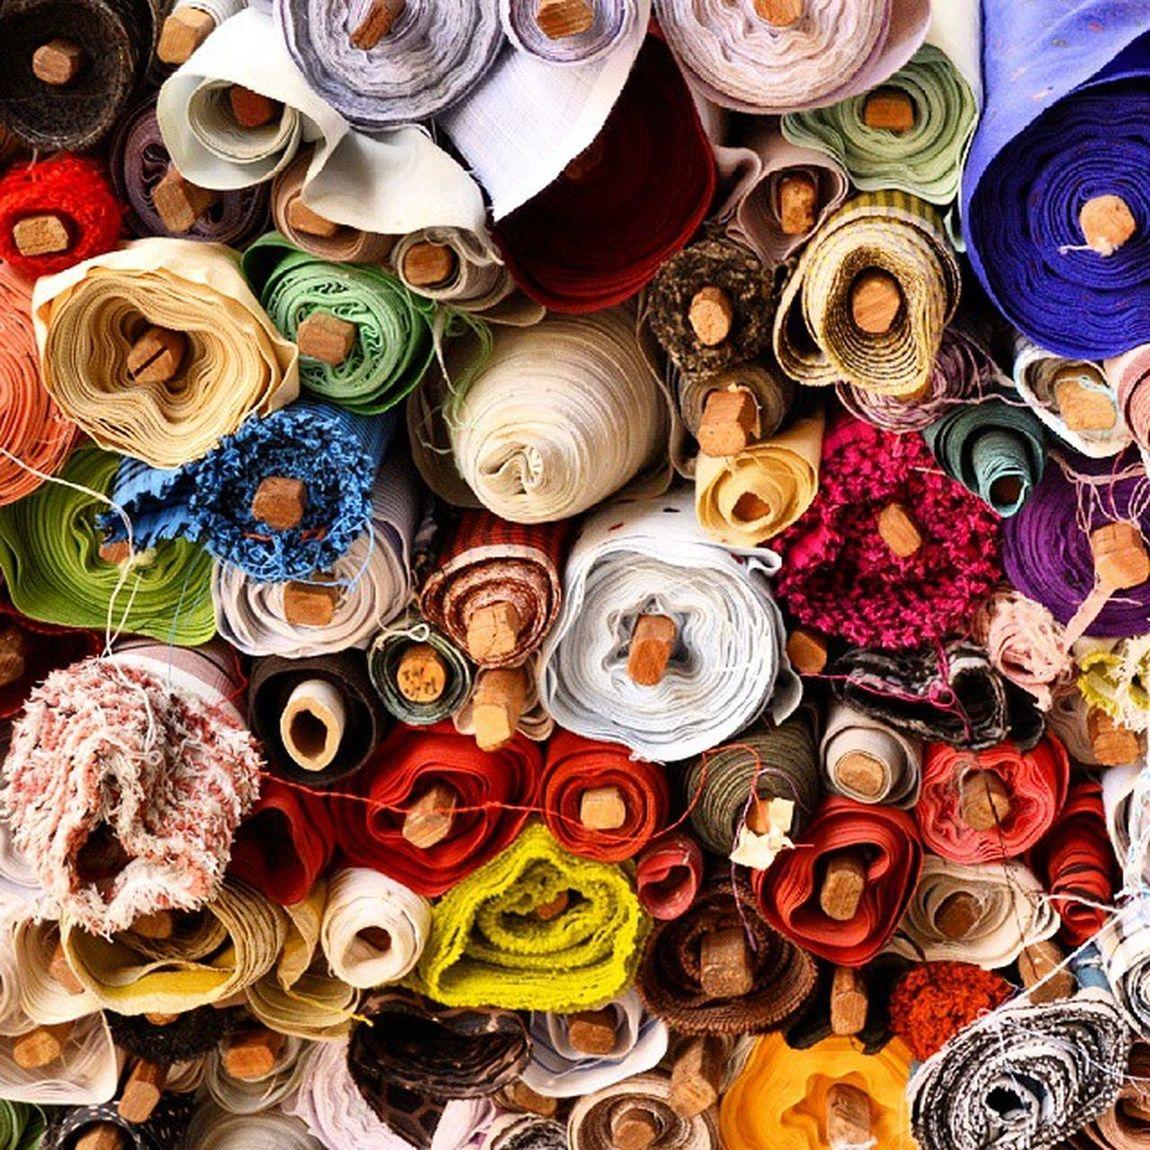 Colorsofindia ClothMarket Incredibleindia